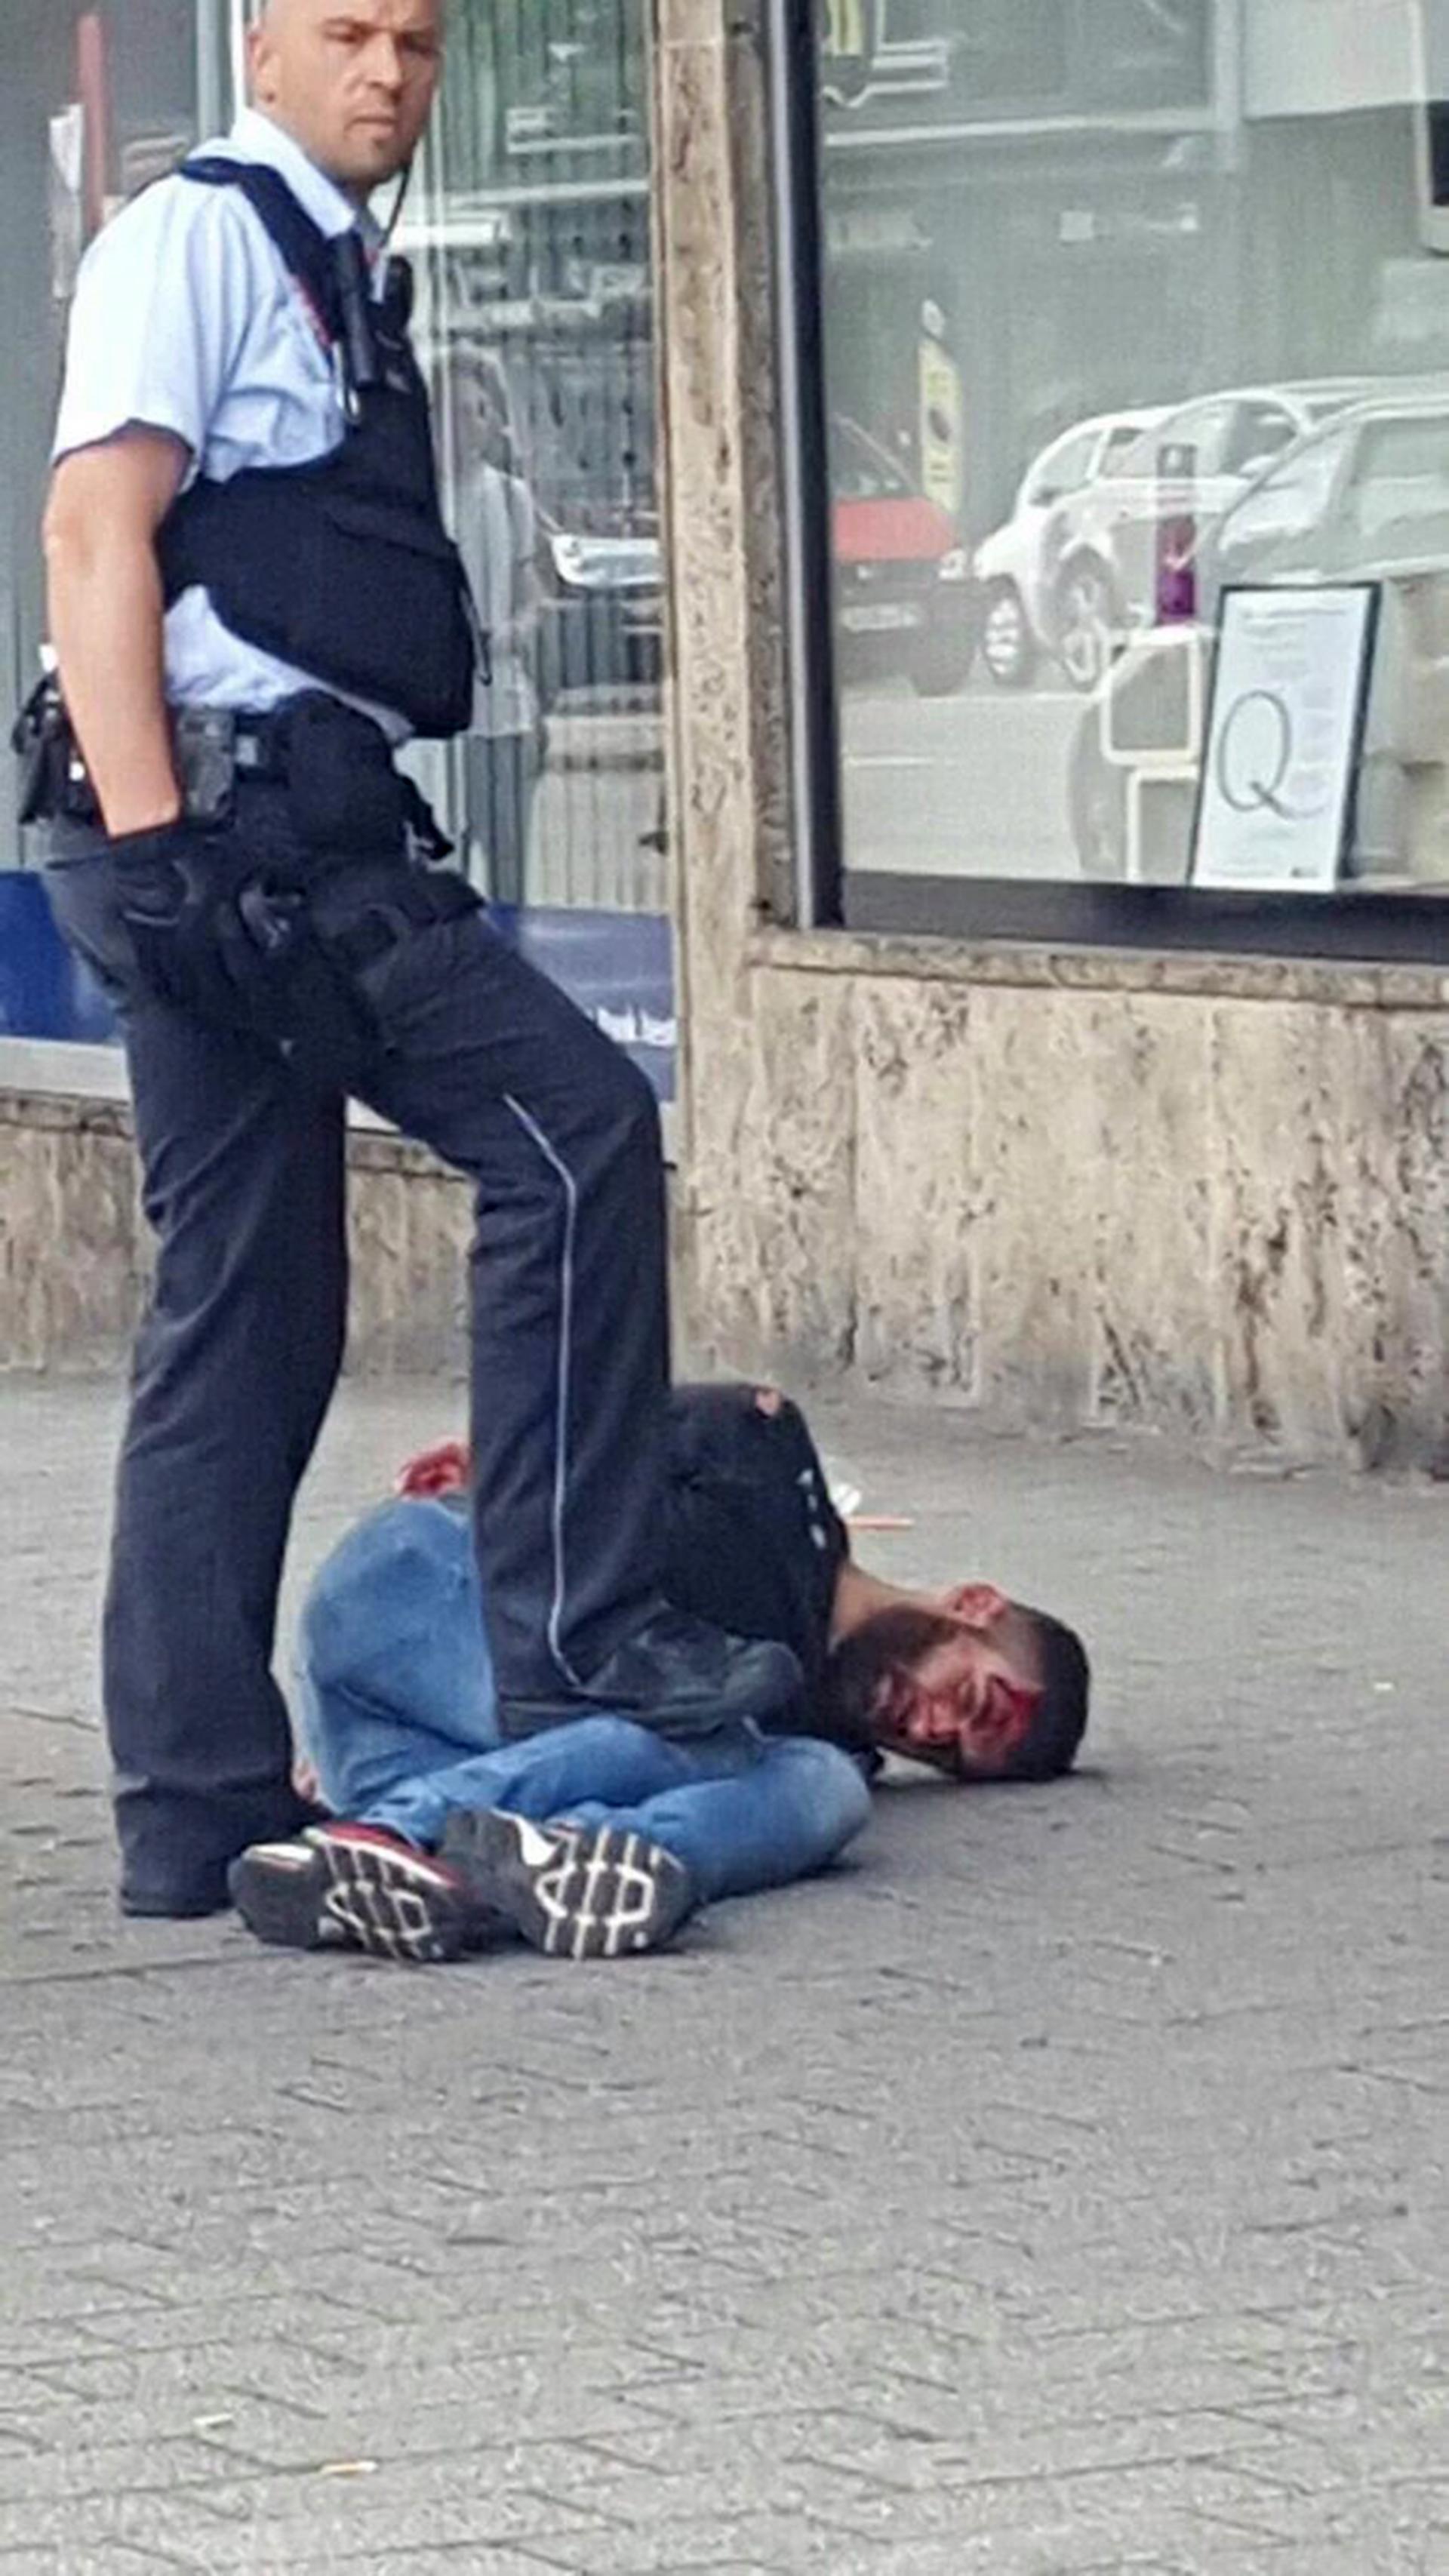 Esta foto que circula por redes sociales sería la del atacante y el policía que lo detuvo. (@UKPegida)